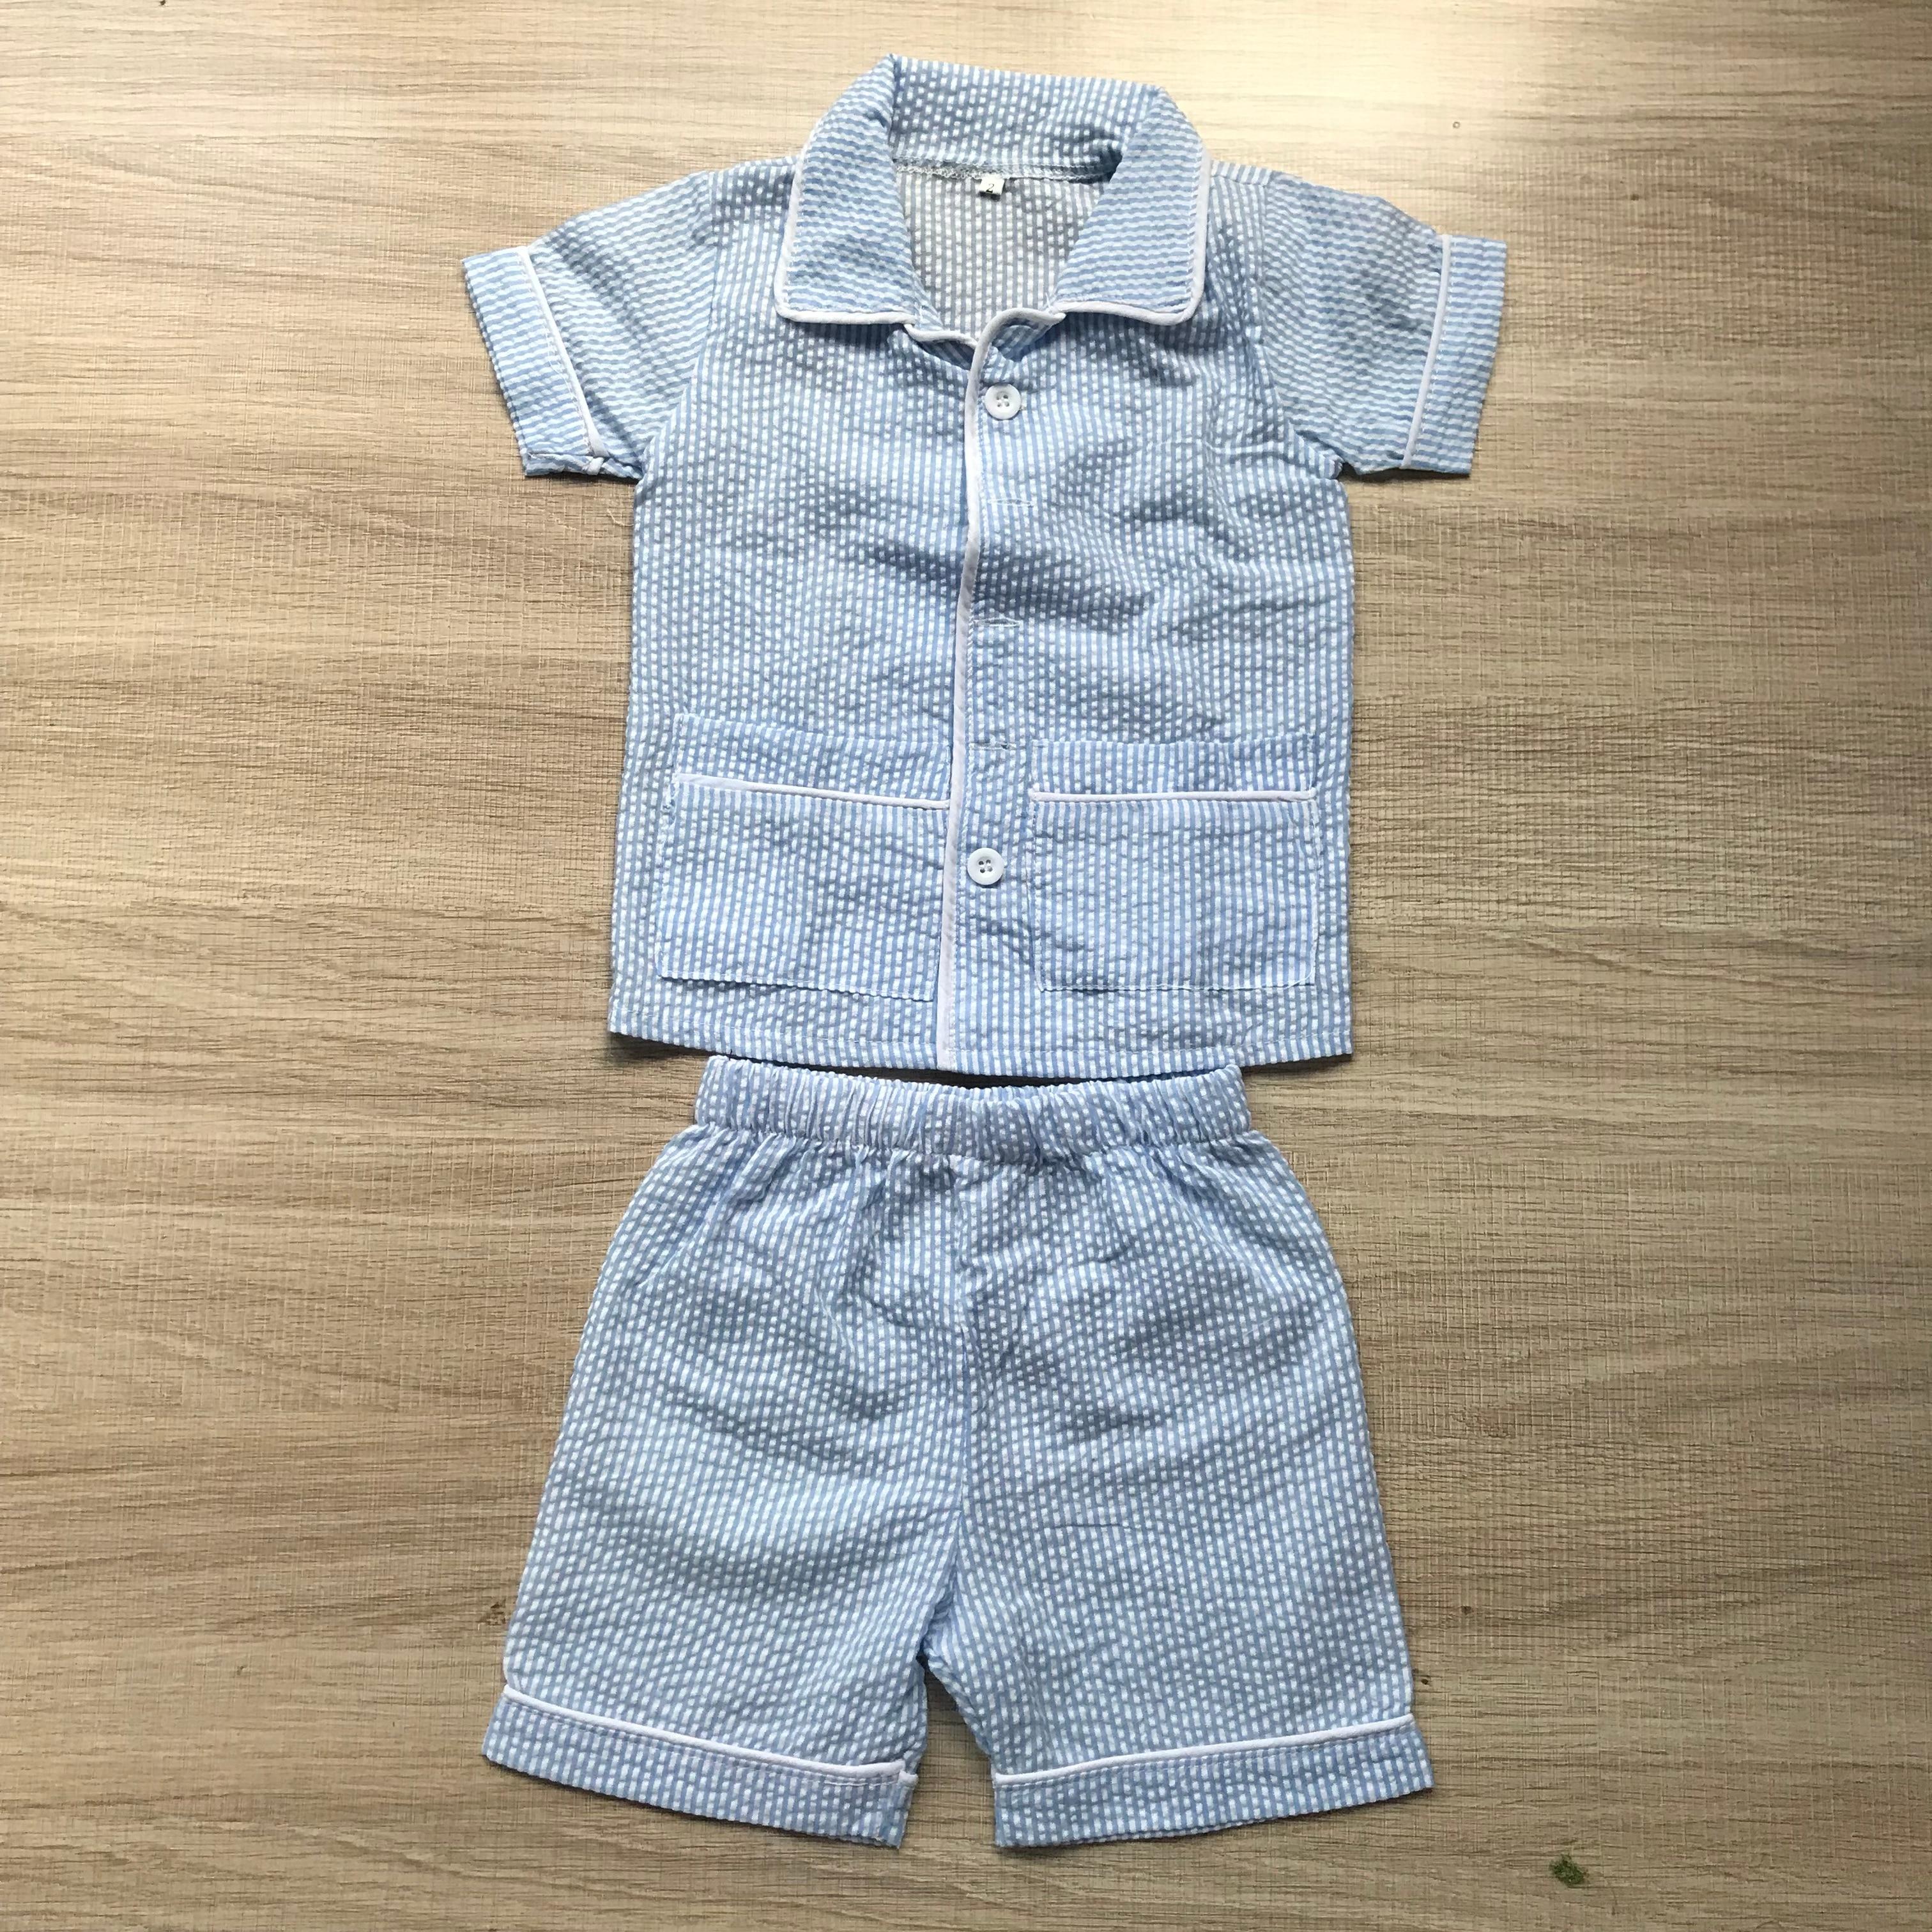 ملابس صيفية للأولاد الصغار ، قميص قصير الأكمام ، ملابس قصيرة بجيوب ، بالجملة